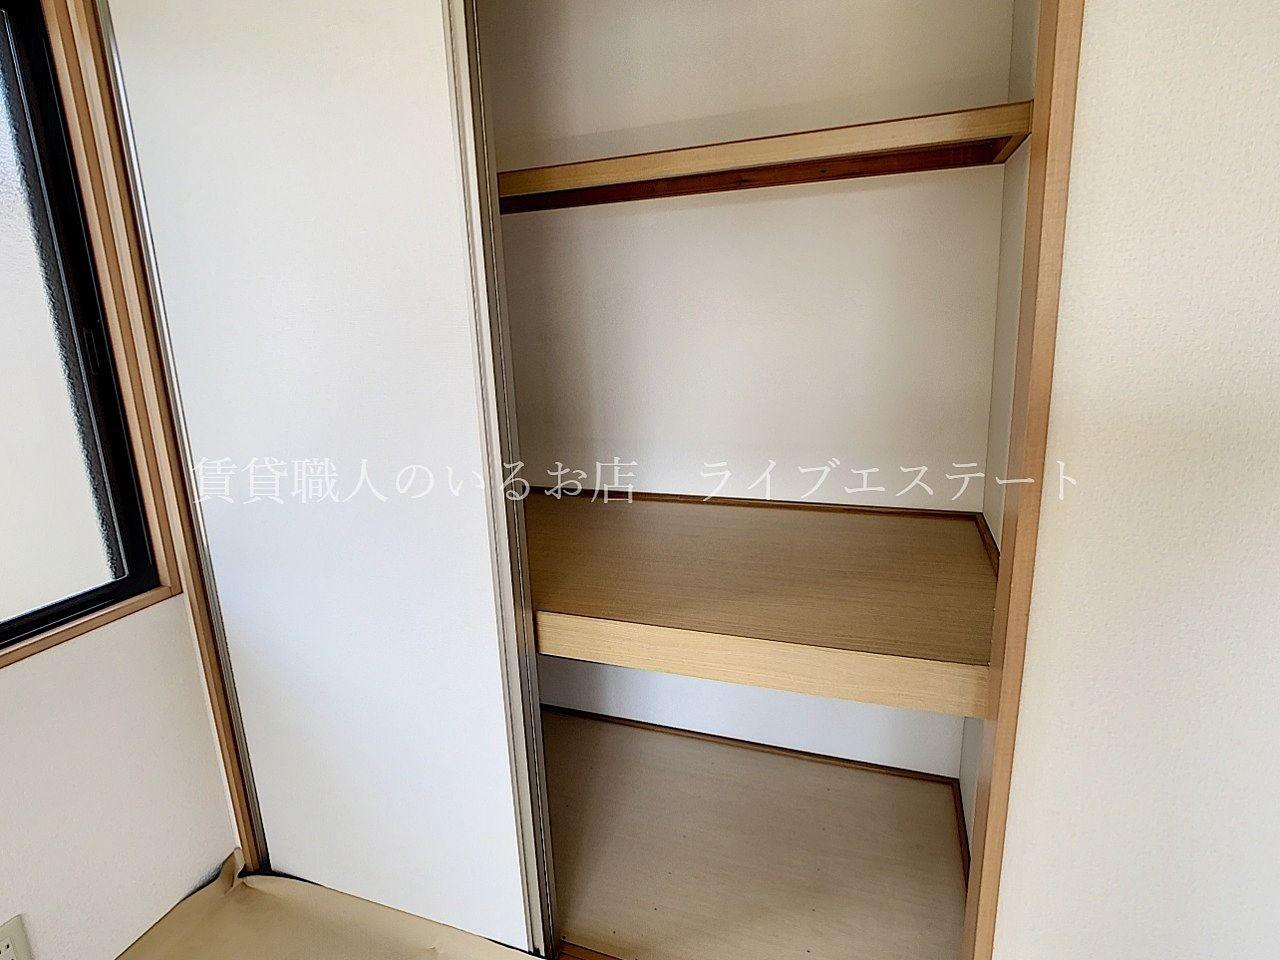 全居室に収納があり、お部屋をすっきりと使えます